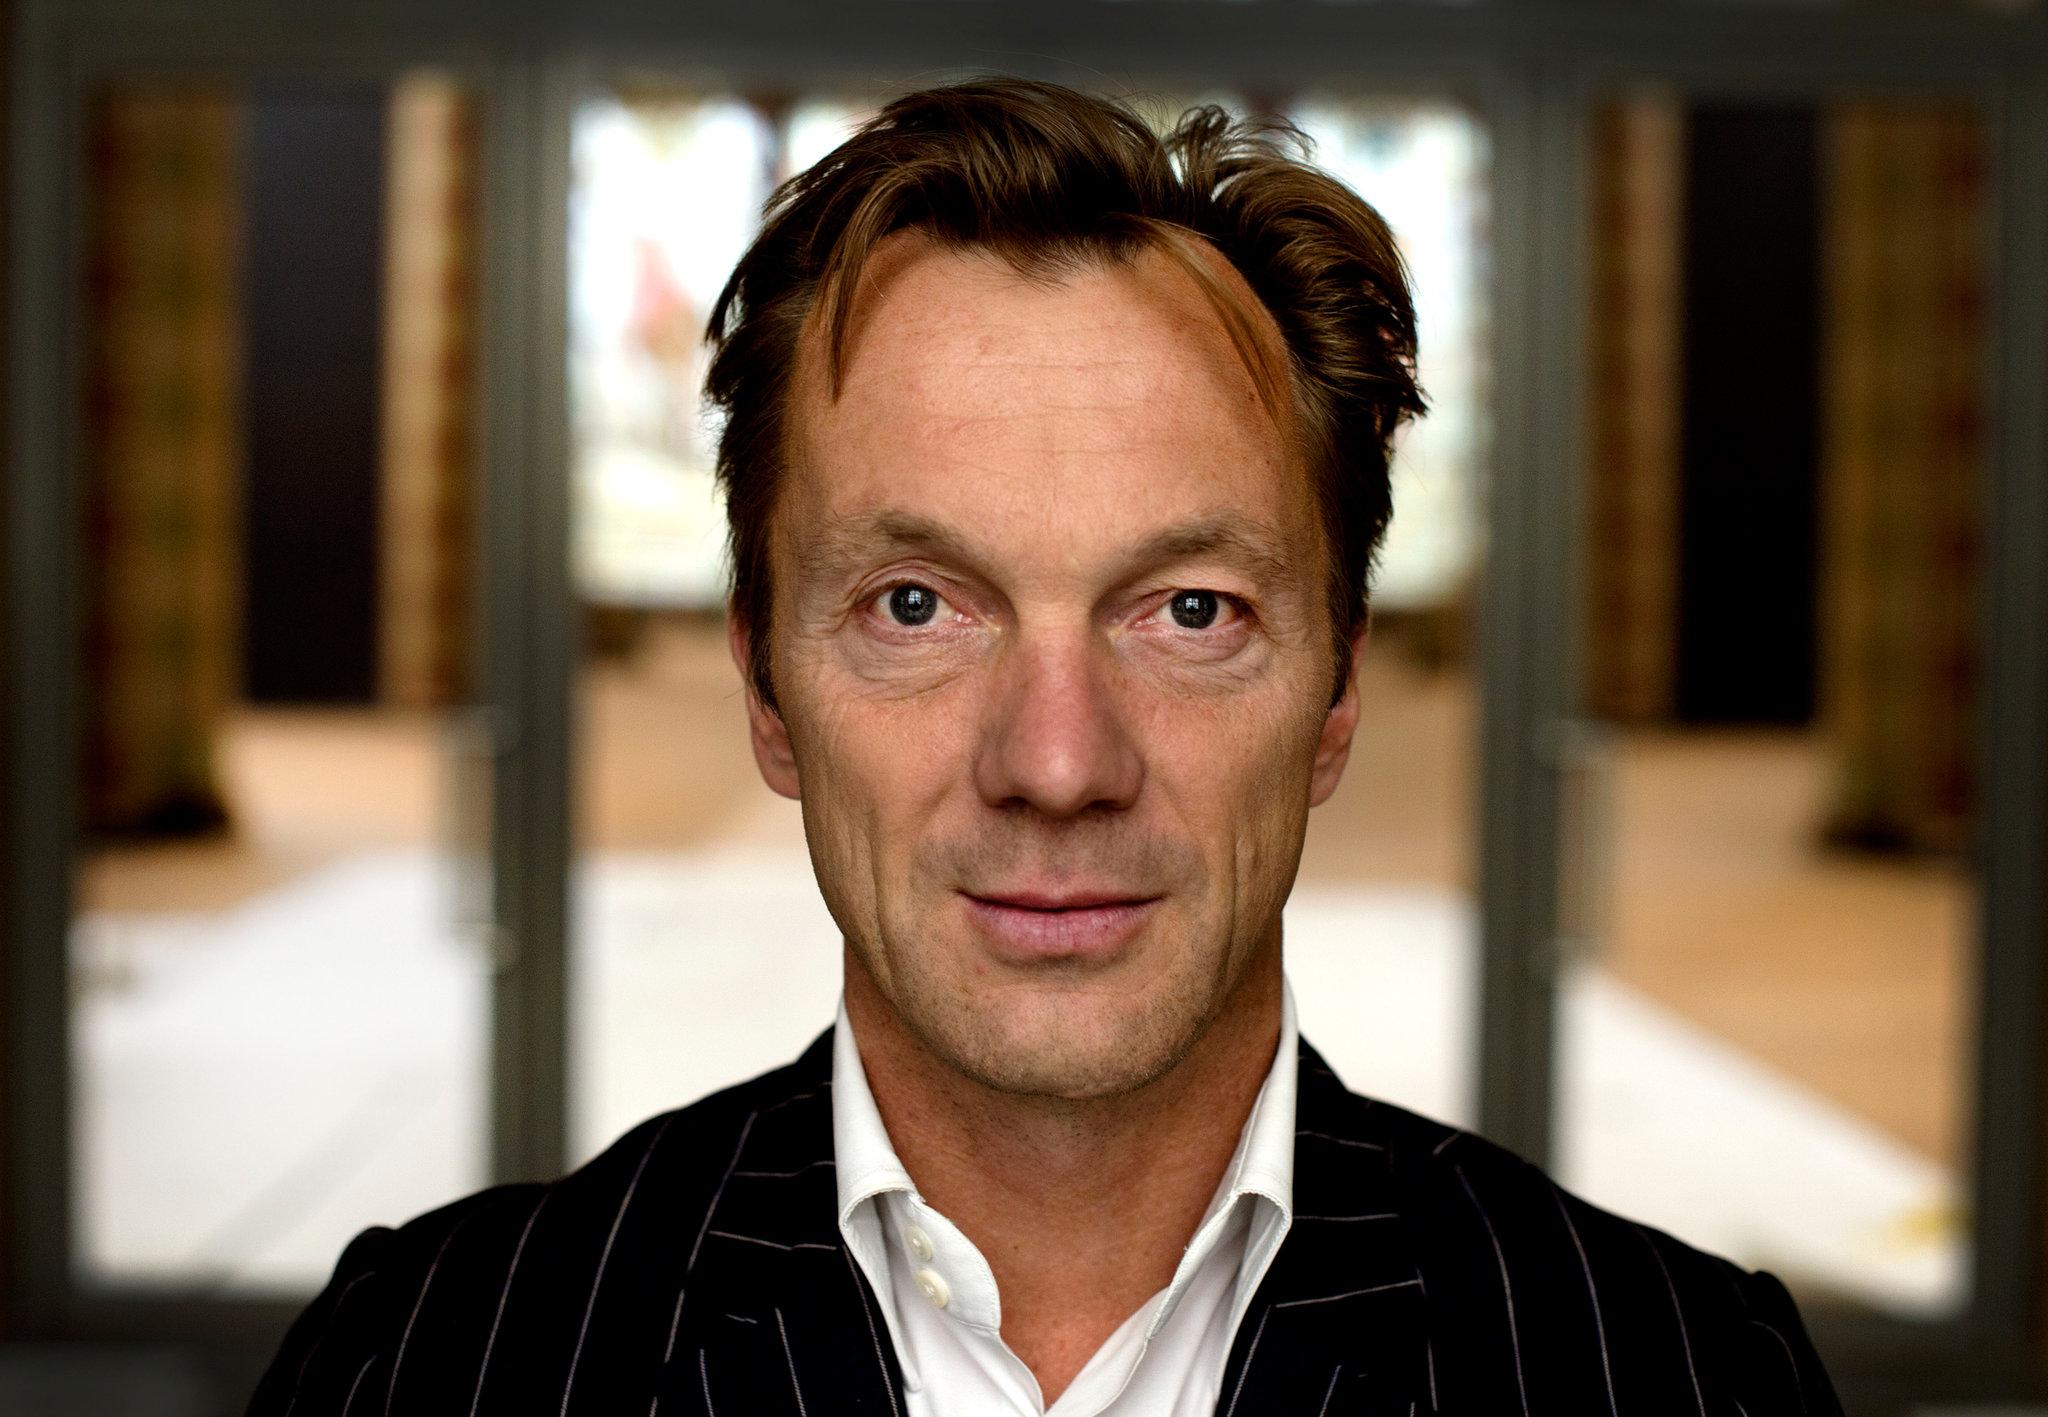 AMSTERDAM - Directeur Wim Pijbes staat in een leeg Rijksmuseum dat klaar is om ingericht te worden. De opening van het museum volgt volgend jaar. ANP OLAF KRAAK